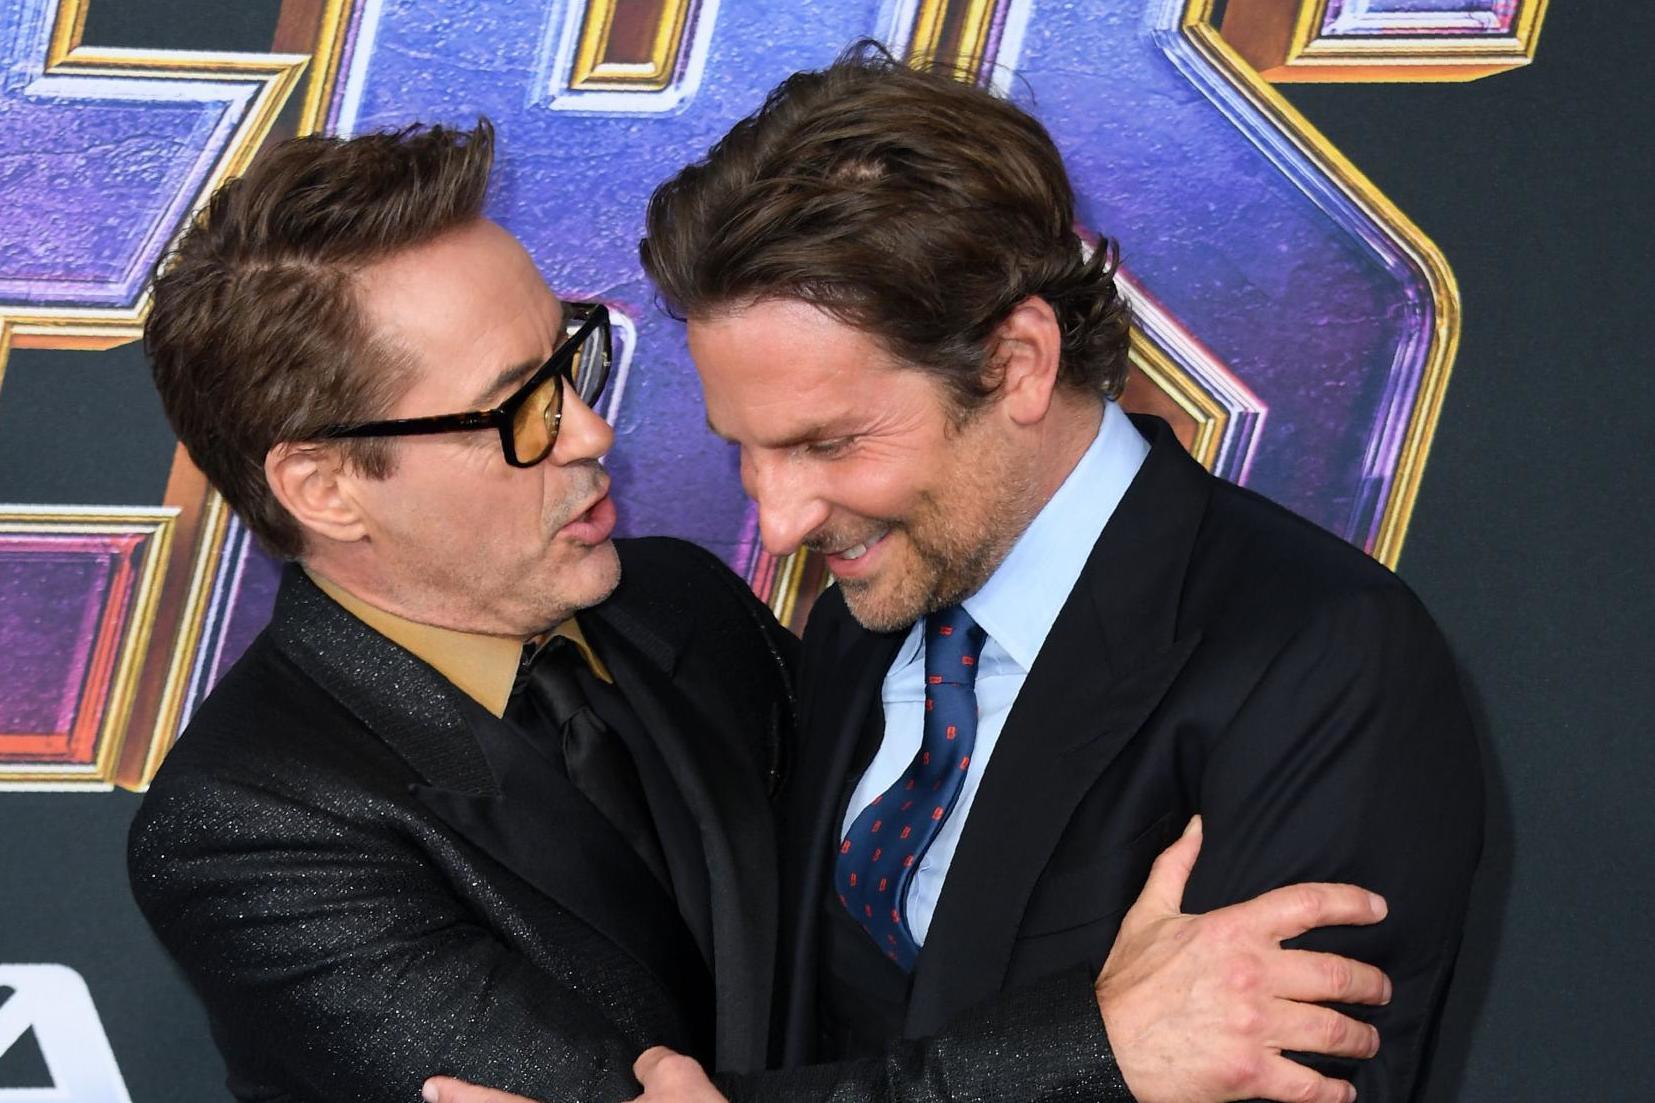 Avengers Endgame premiere: Best red carpet looks from Scarlett Johansson to Brie Larson